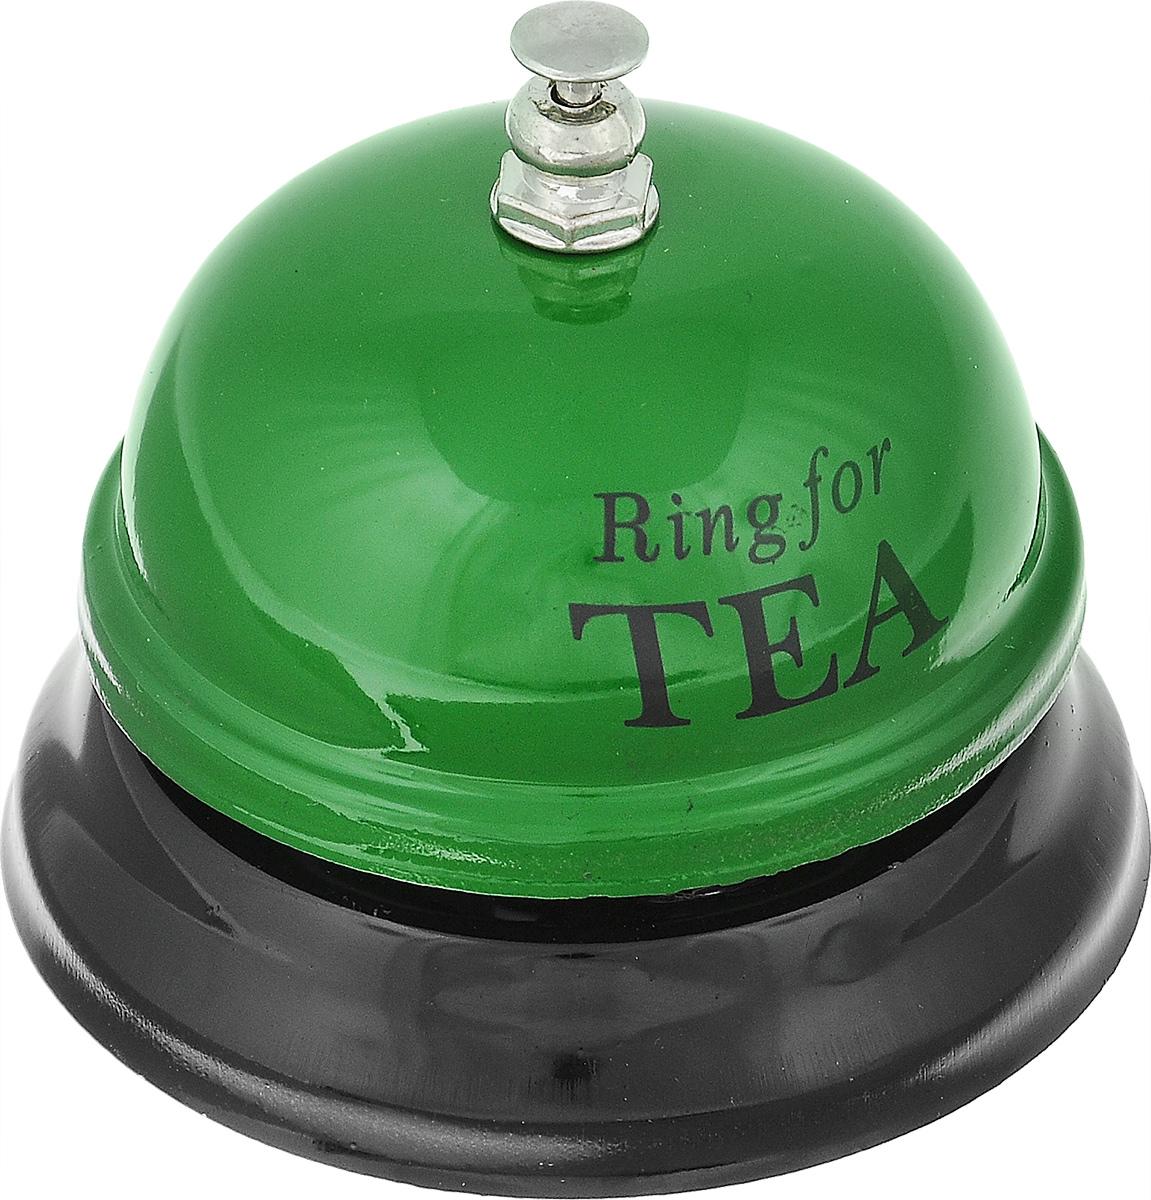 Звонок настольный Эврика Ring For Tea54 009312Механический настольный звонок Эврика Ring For Tea изготовлен из металла.С его помощью вы можете оповещать ваших близких о своих желаниях. Этот звонок будет отличным подарком, который принесет хорошее настроение.